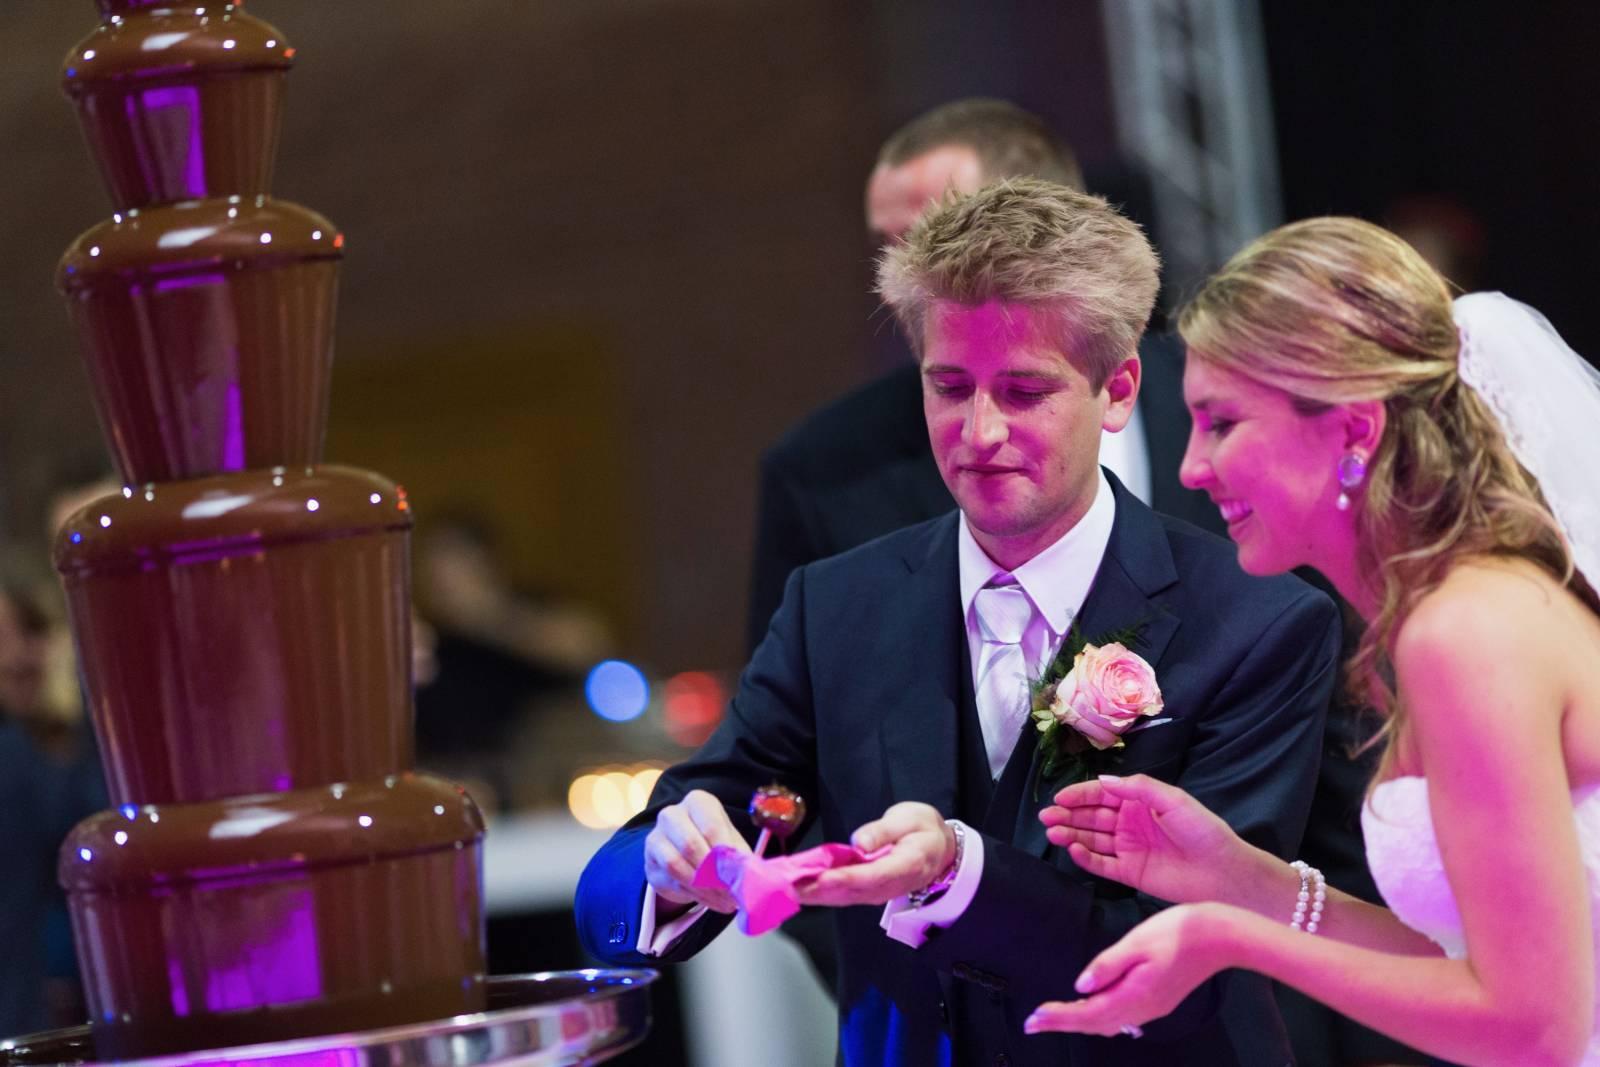 Gastronomie Nicolas - Catering - Traiteur - Trouw - Huwelijk - Bruiloft - House of Weddings - 8